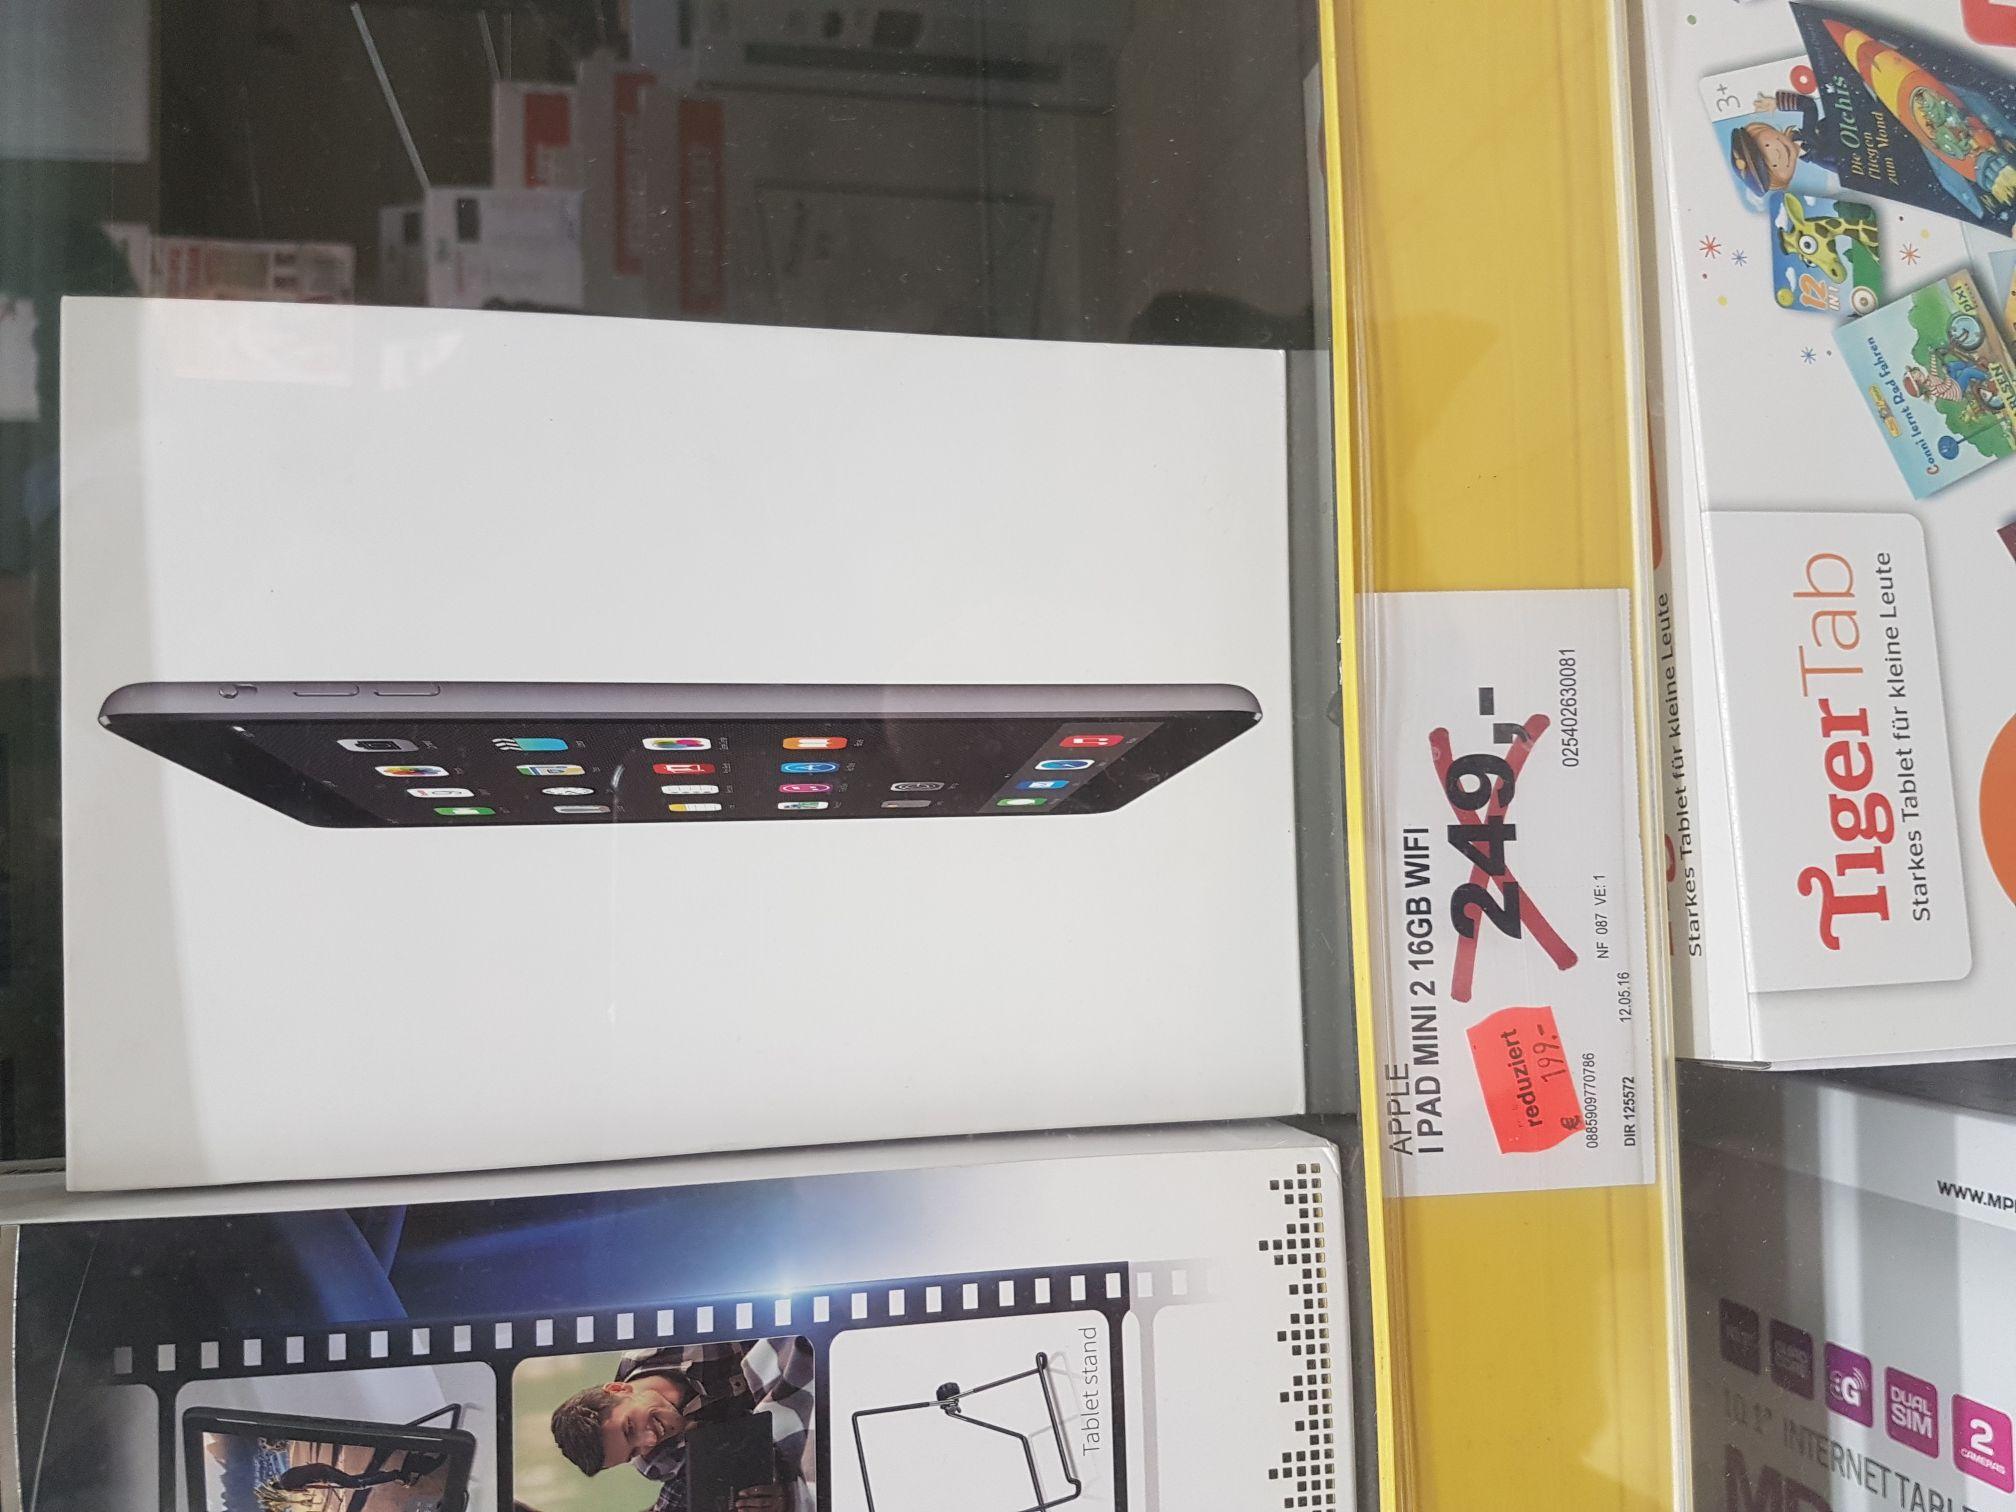 Ipad 2 mini WIFI 16GB im Marktkauf Hannover Vahrenwalder Str.